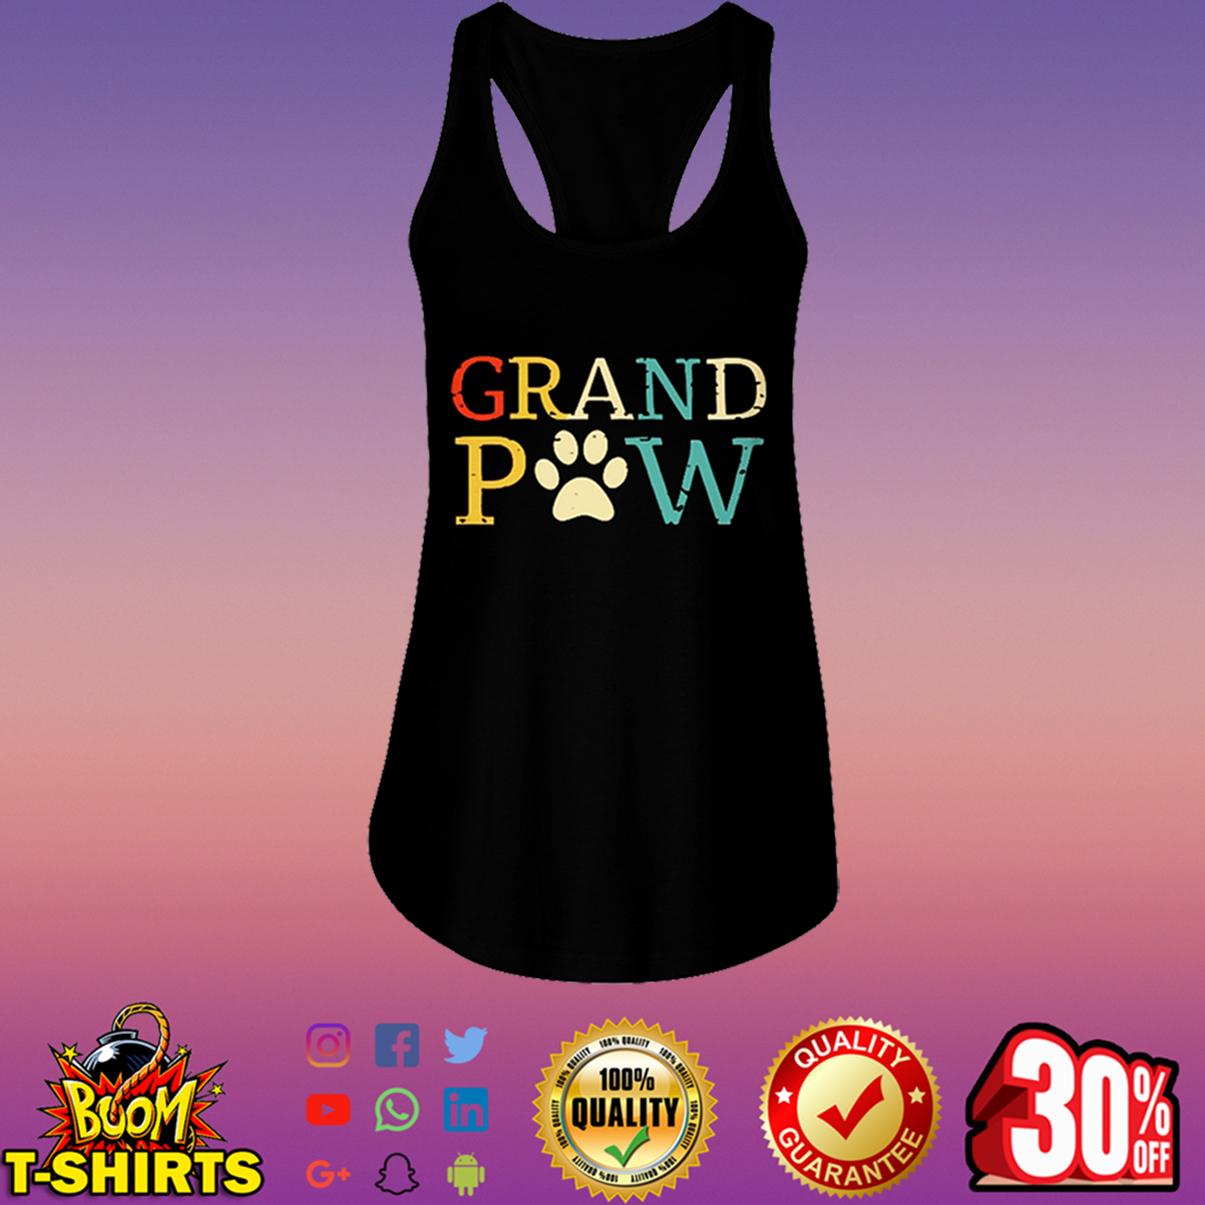 Grand Paw flowy tank